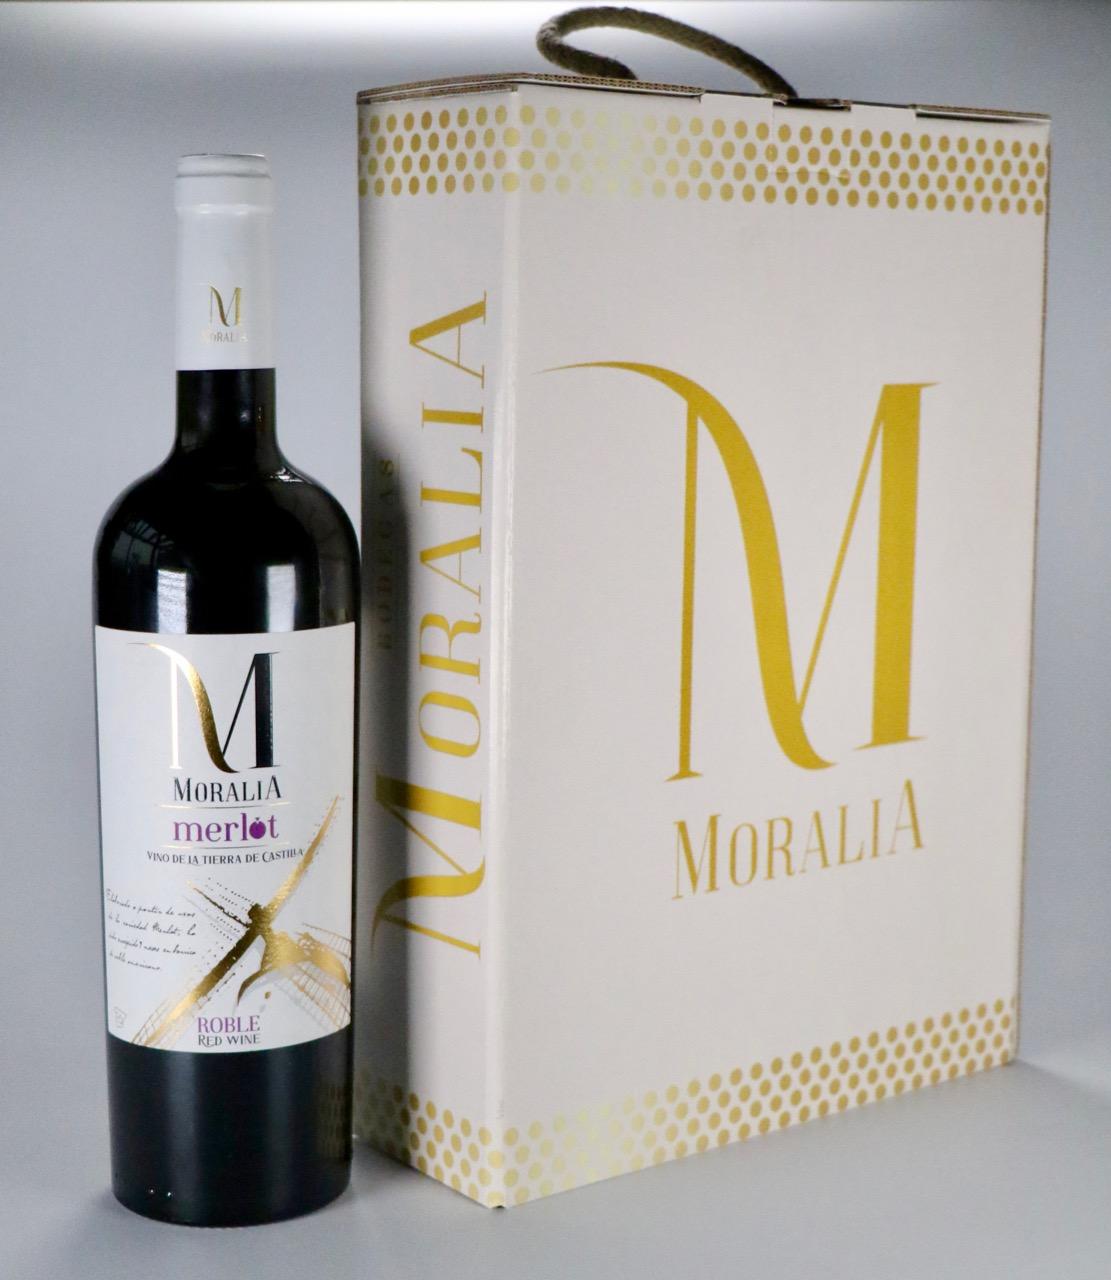 Moralia Merlot. Nueva imagen.